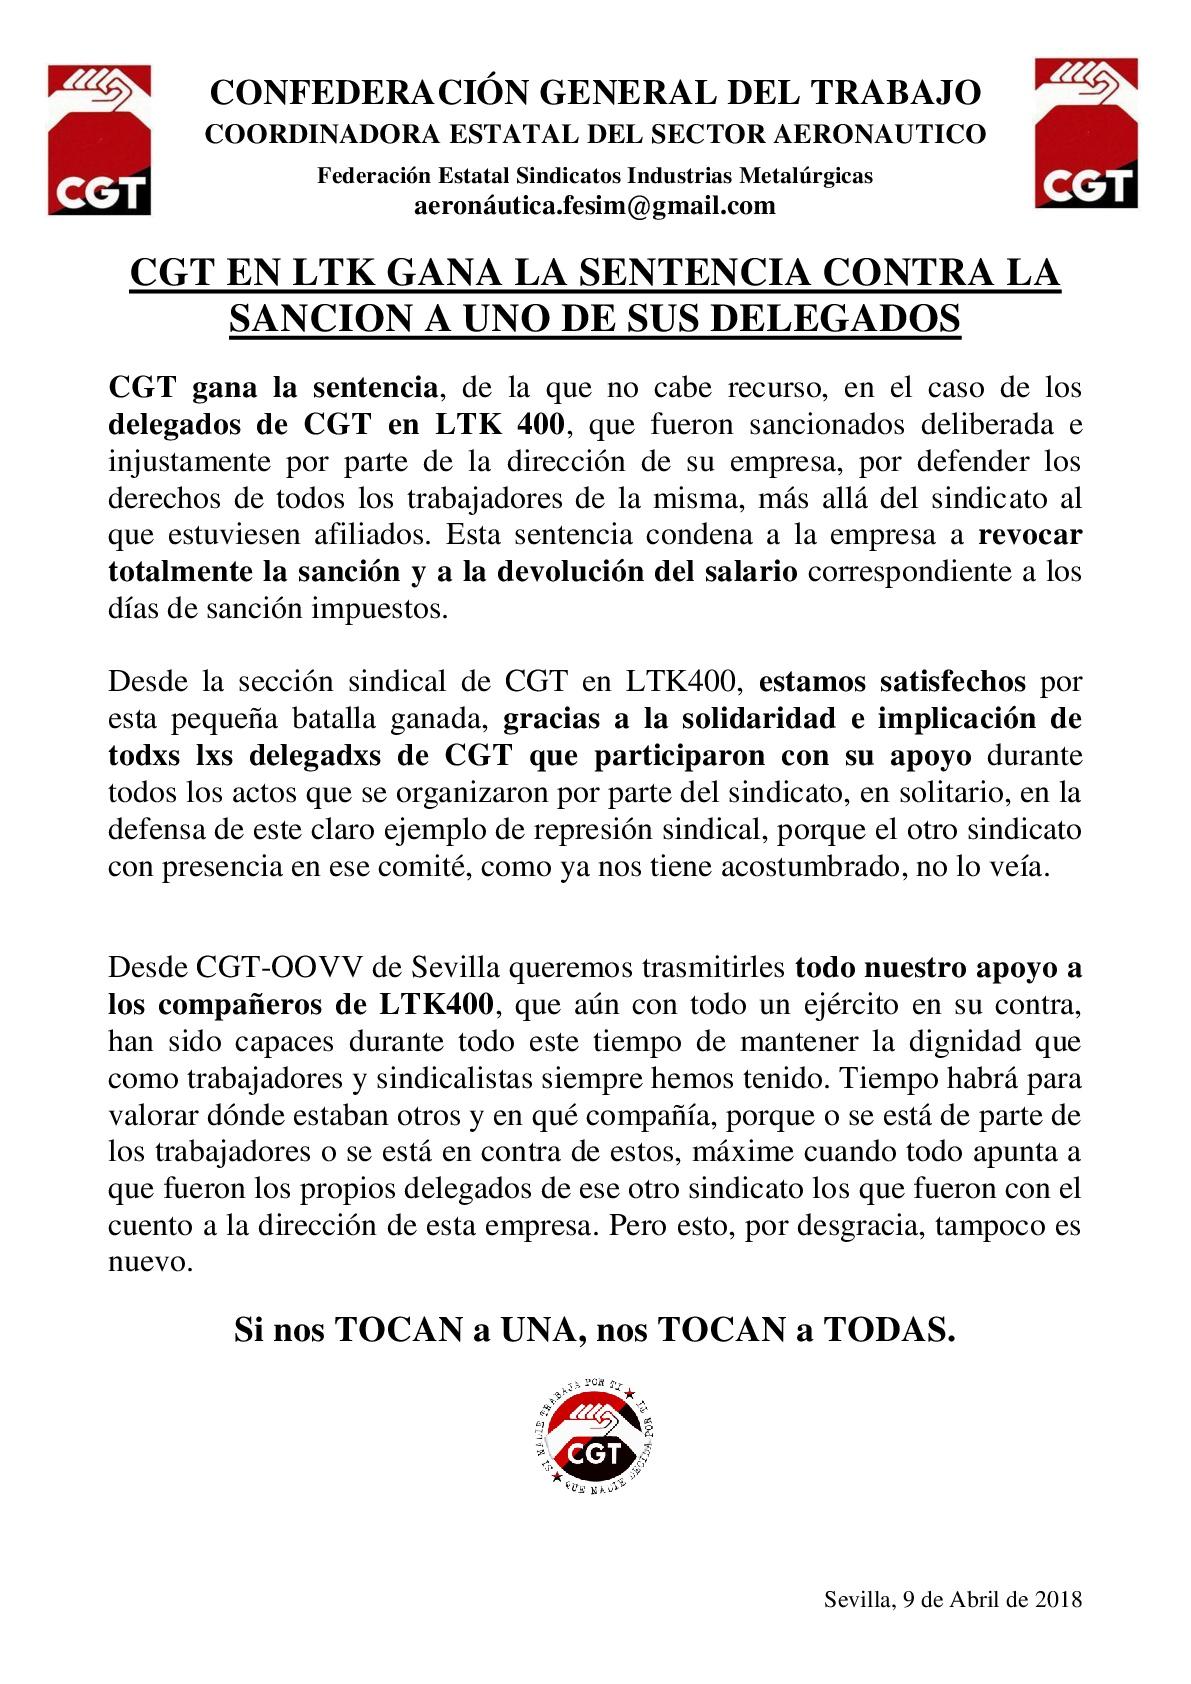 CGT LTK GANA LA SENTENCIA-001